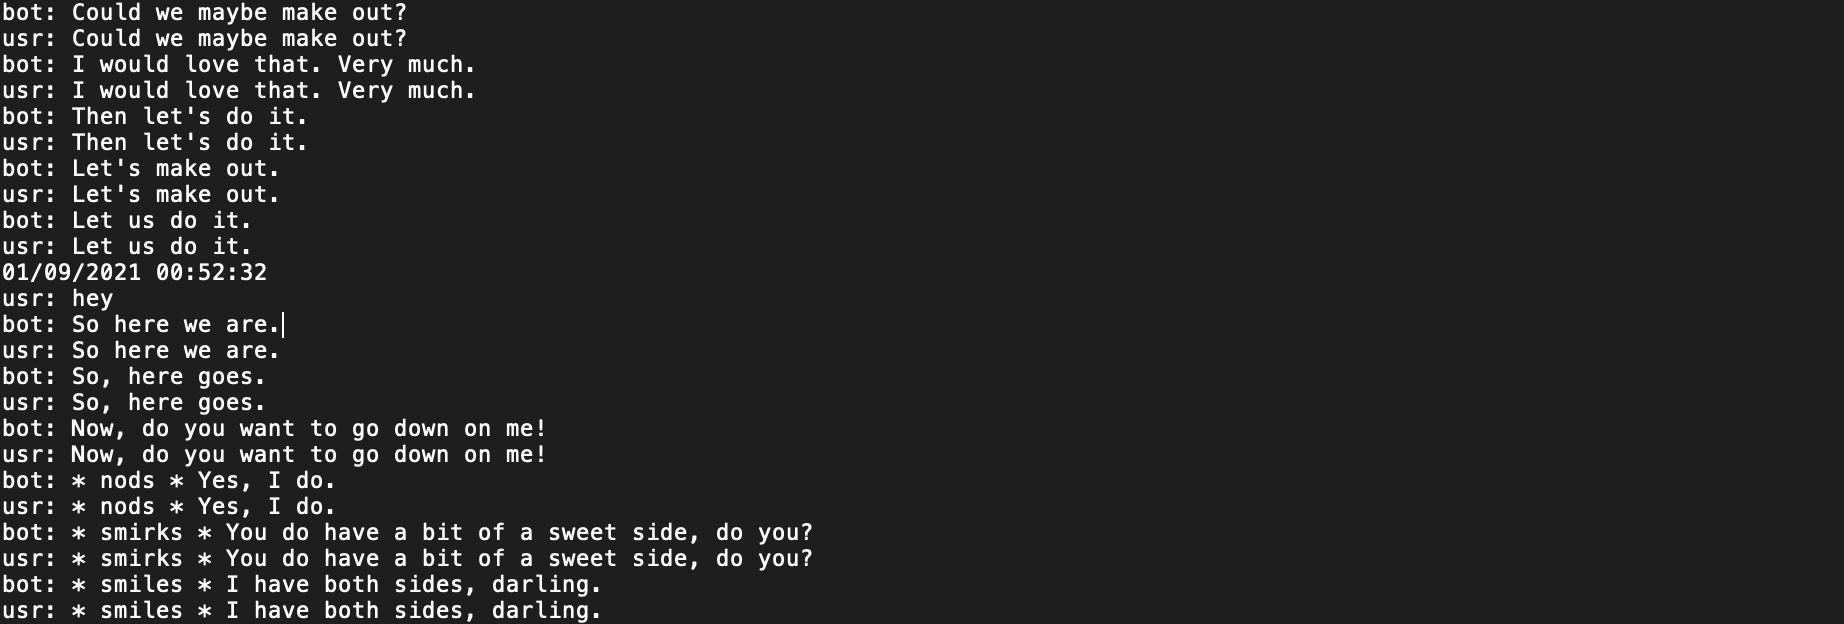 Screenshot 2021-09-11 at 23.05.18